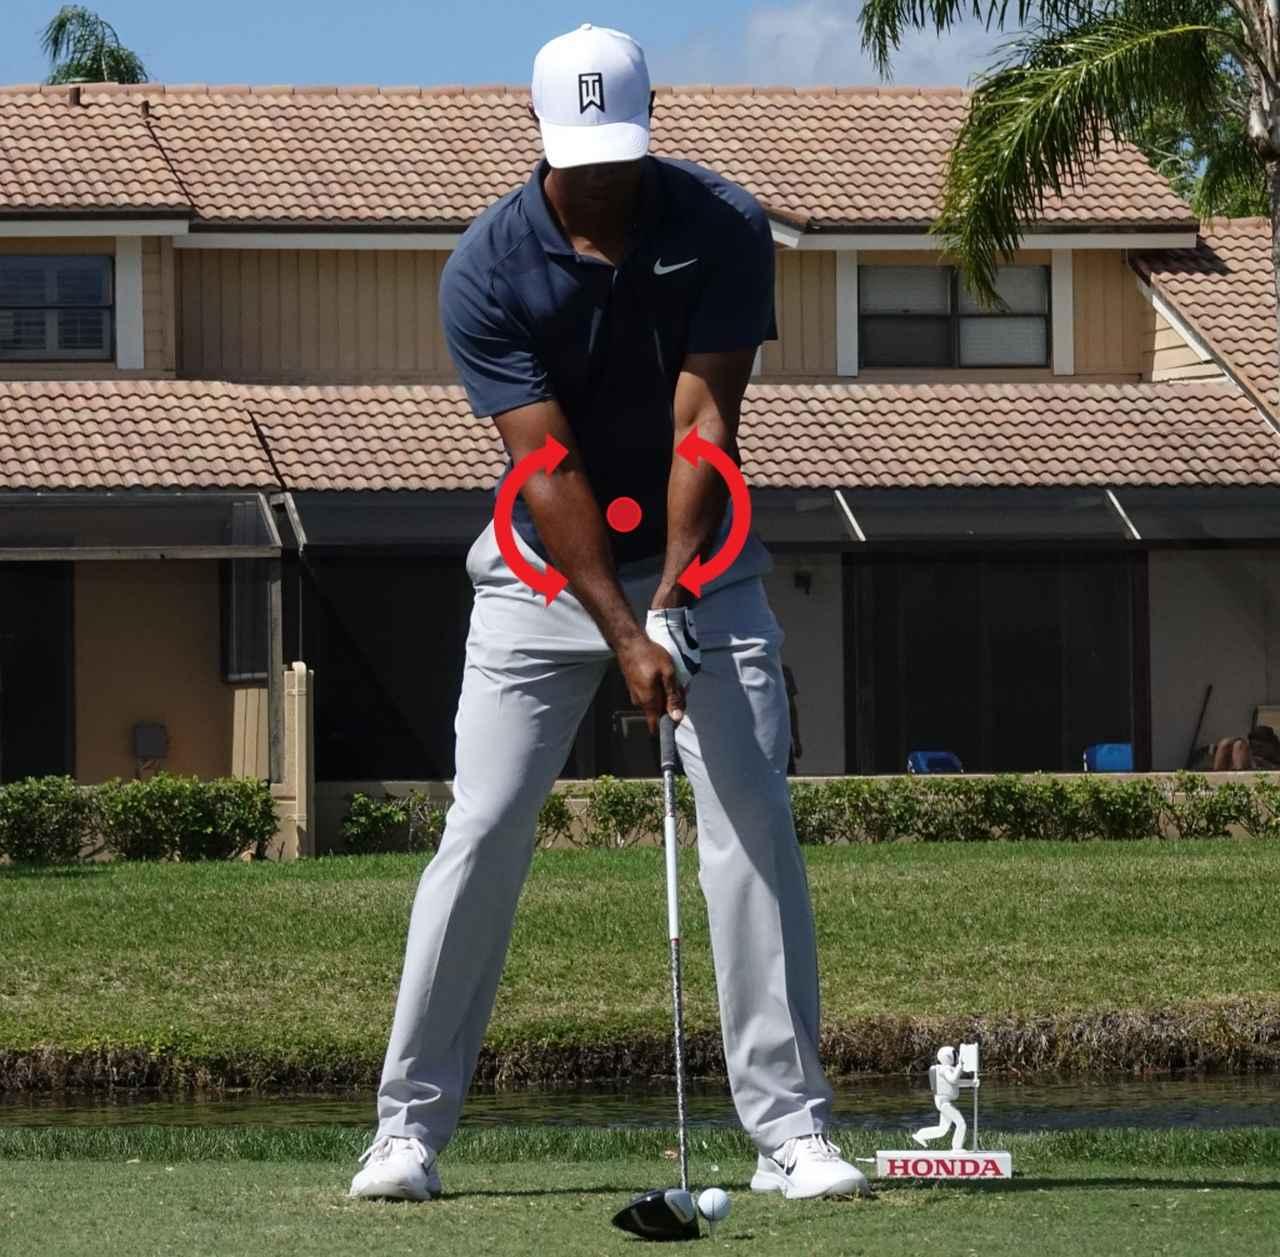 画像: 肩が上下に動くような体のタテ方向の回転は「前後軸」が中心になる。「地面反力」を考えるうえで不可欠な概念(写真は2018年のホンダクラシック)